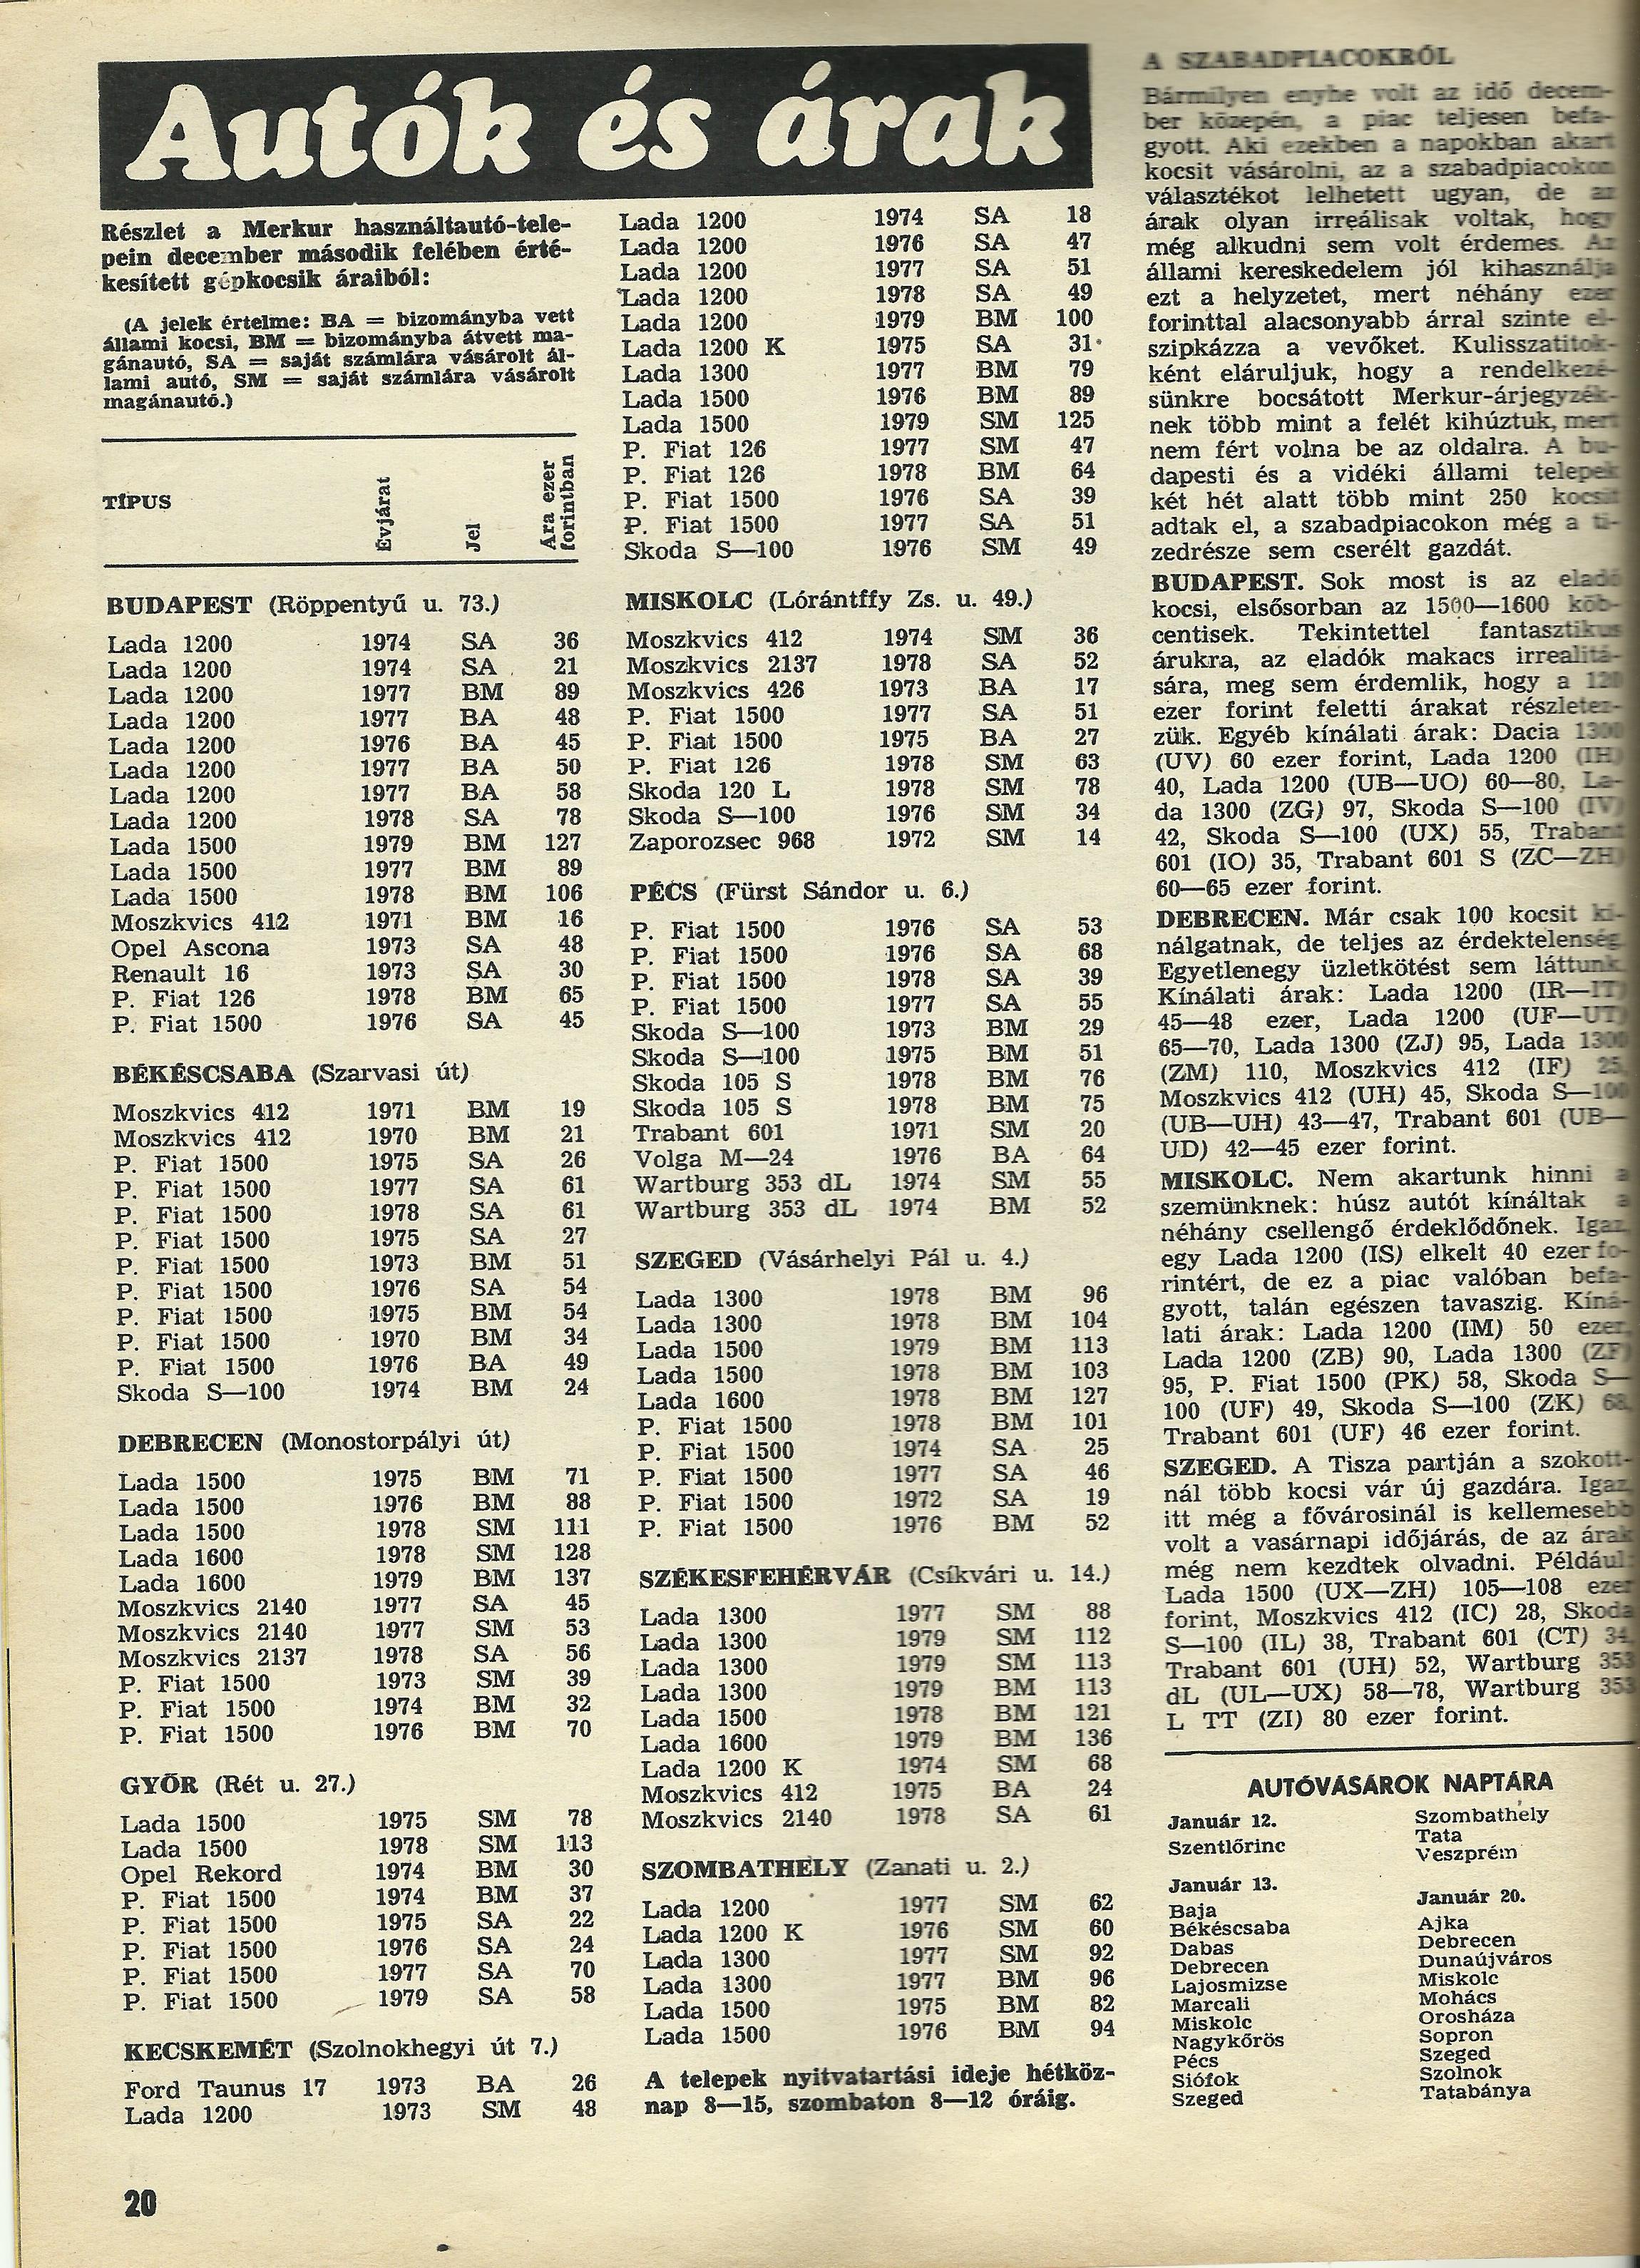 A lany a korbol 51 - Haszn Lt Aut S Rlista 1980 B L Az Aut Motor Magazinb L